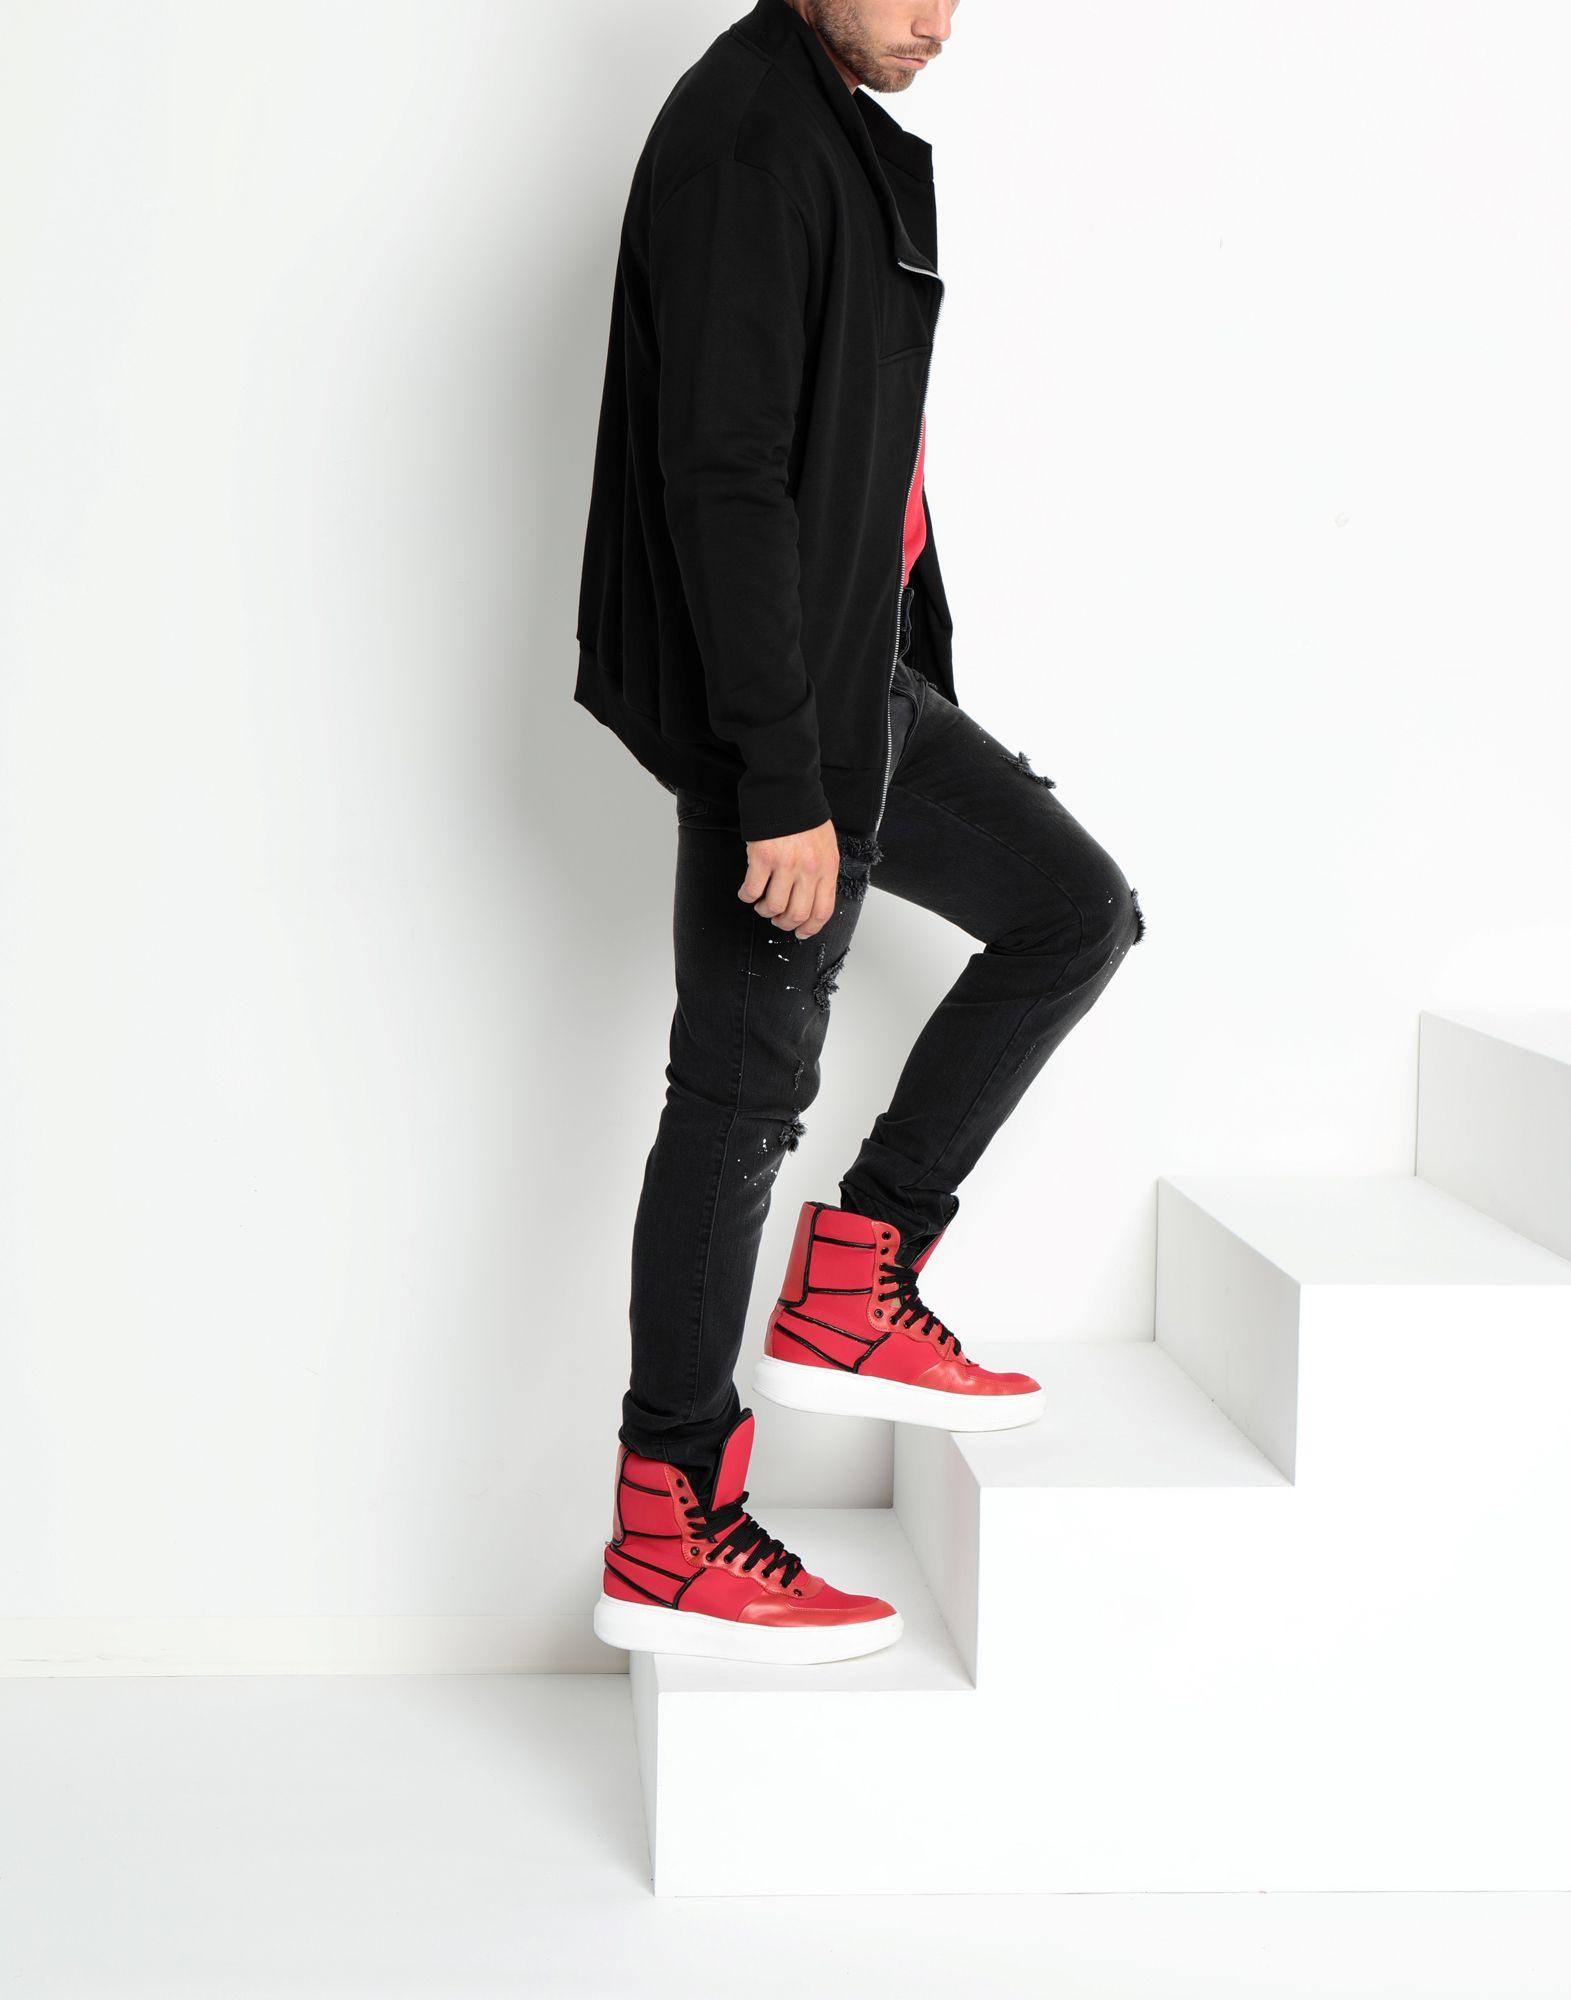 Rabatt echte Sneakers Schuhe Pierre Darré Sneakers echte Herren  11536193OX d4ad6b